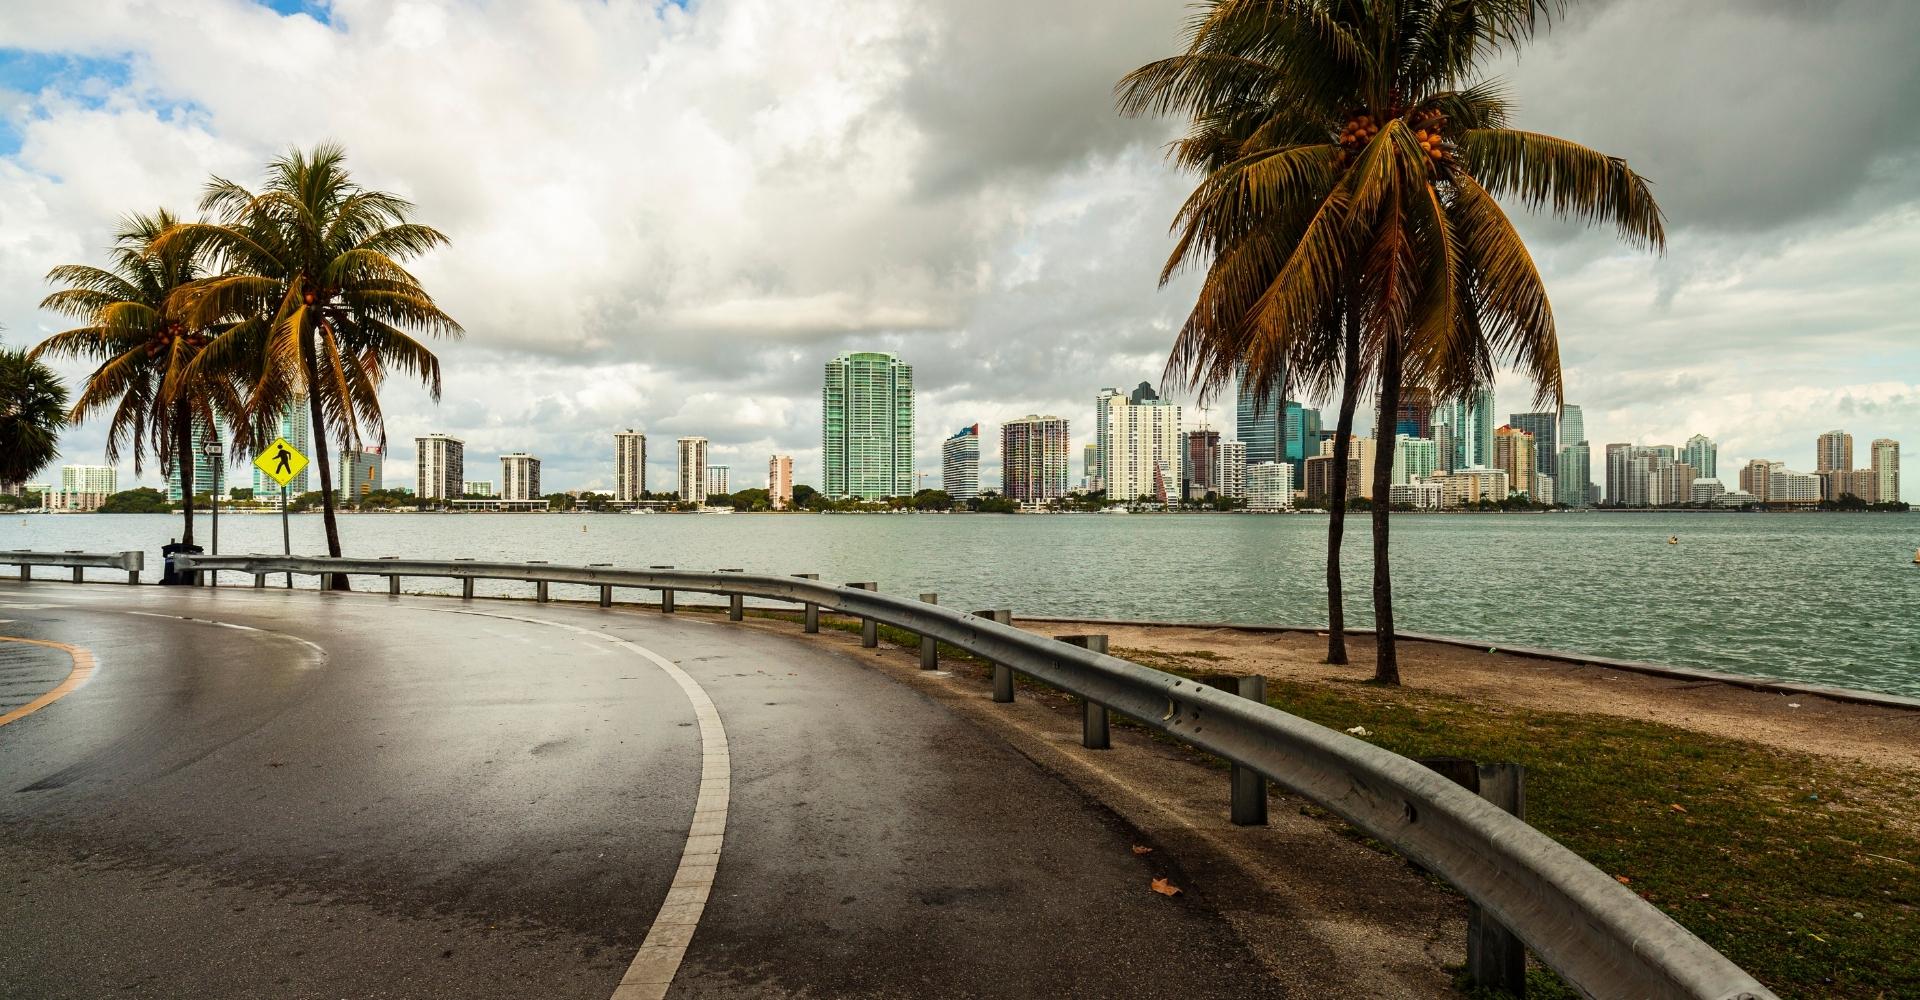 Alconero and Associates - How to prepare for hurricane in Miami